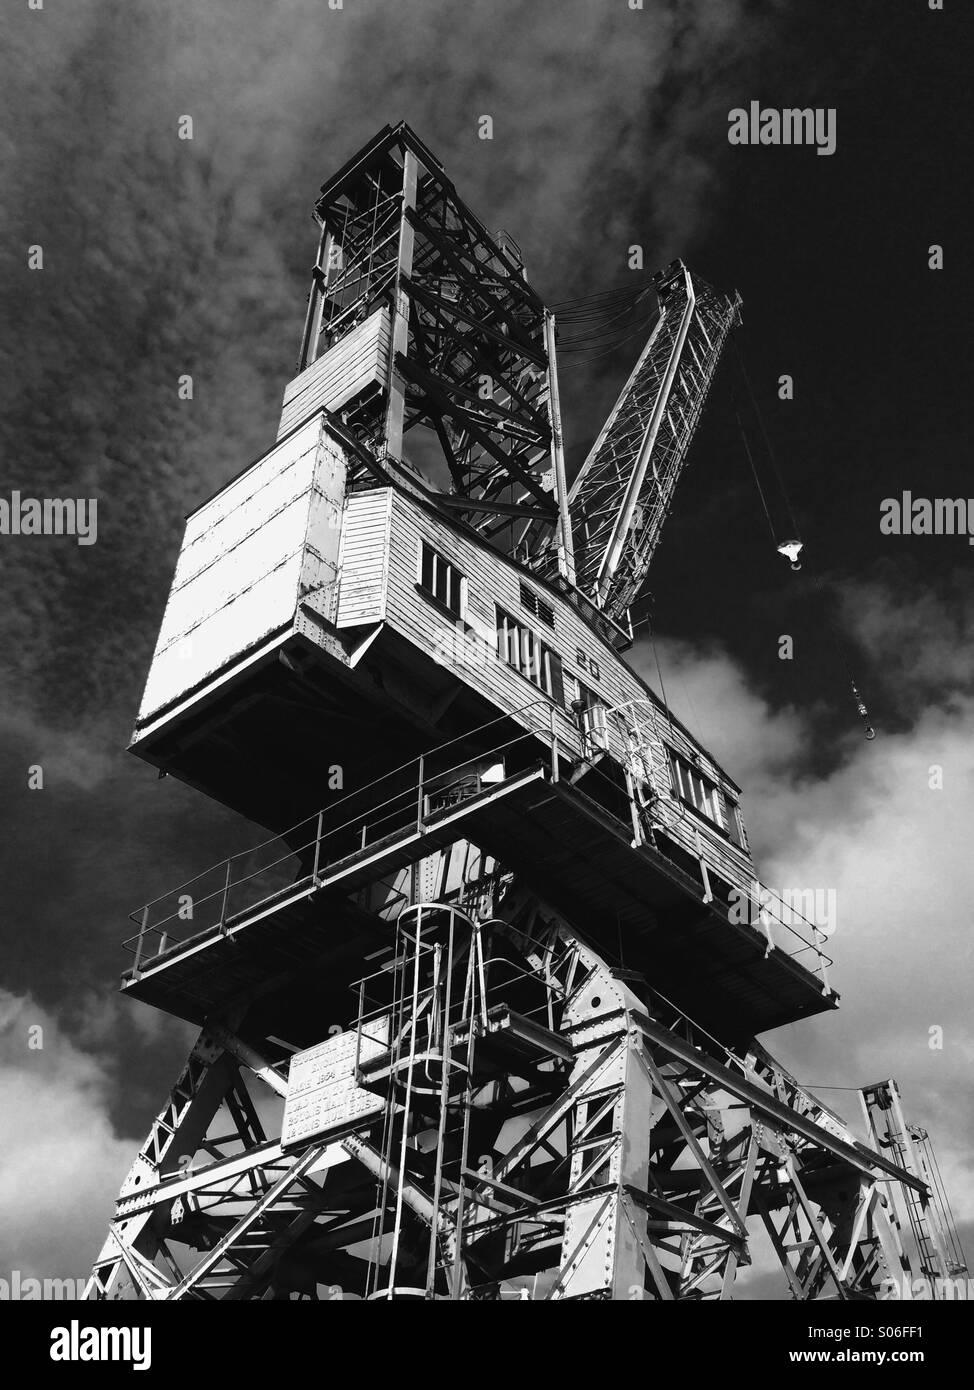 A crane at Falmouth Docks, Cornwall - Stock Image